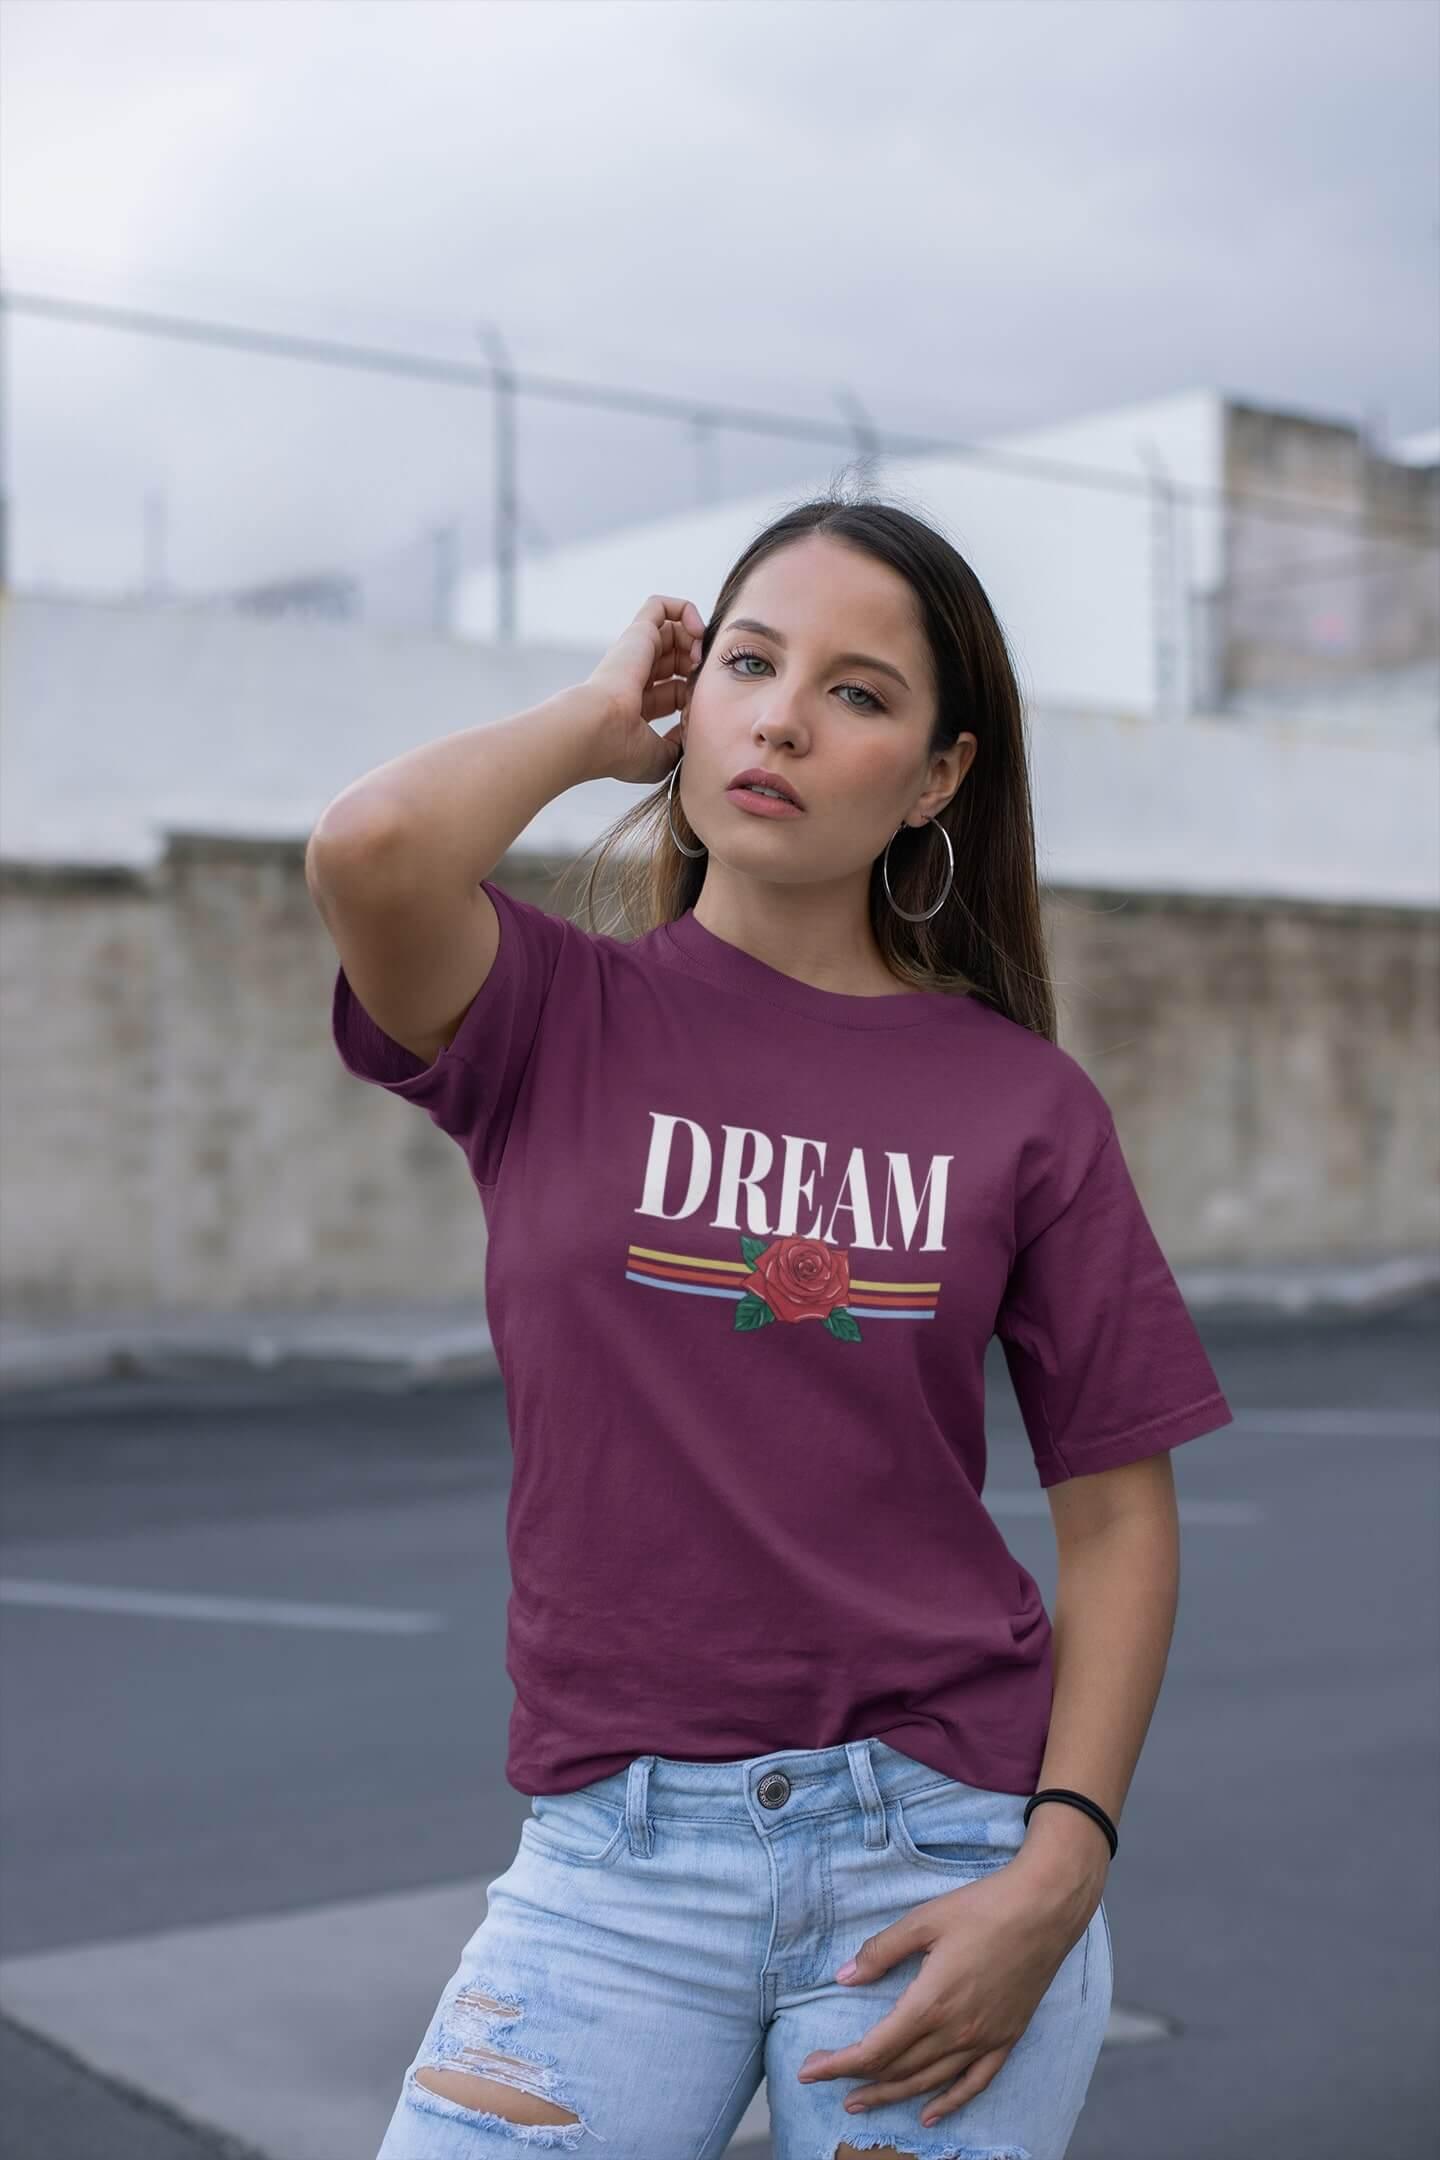 MMO Dámske tričko Dream Vyberte farbu: Fuchsiová, Vyberte veľkosť: M